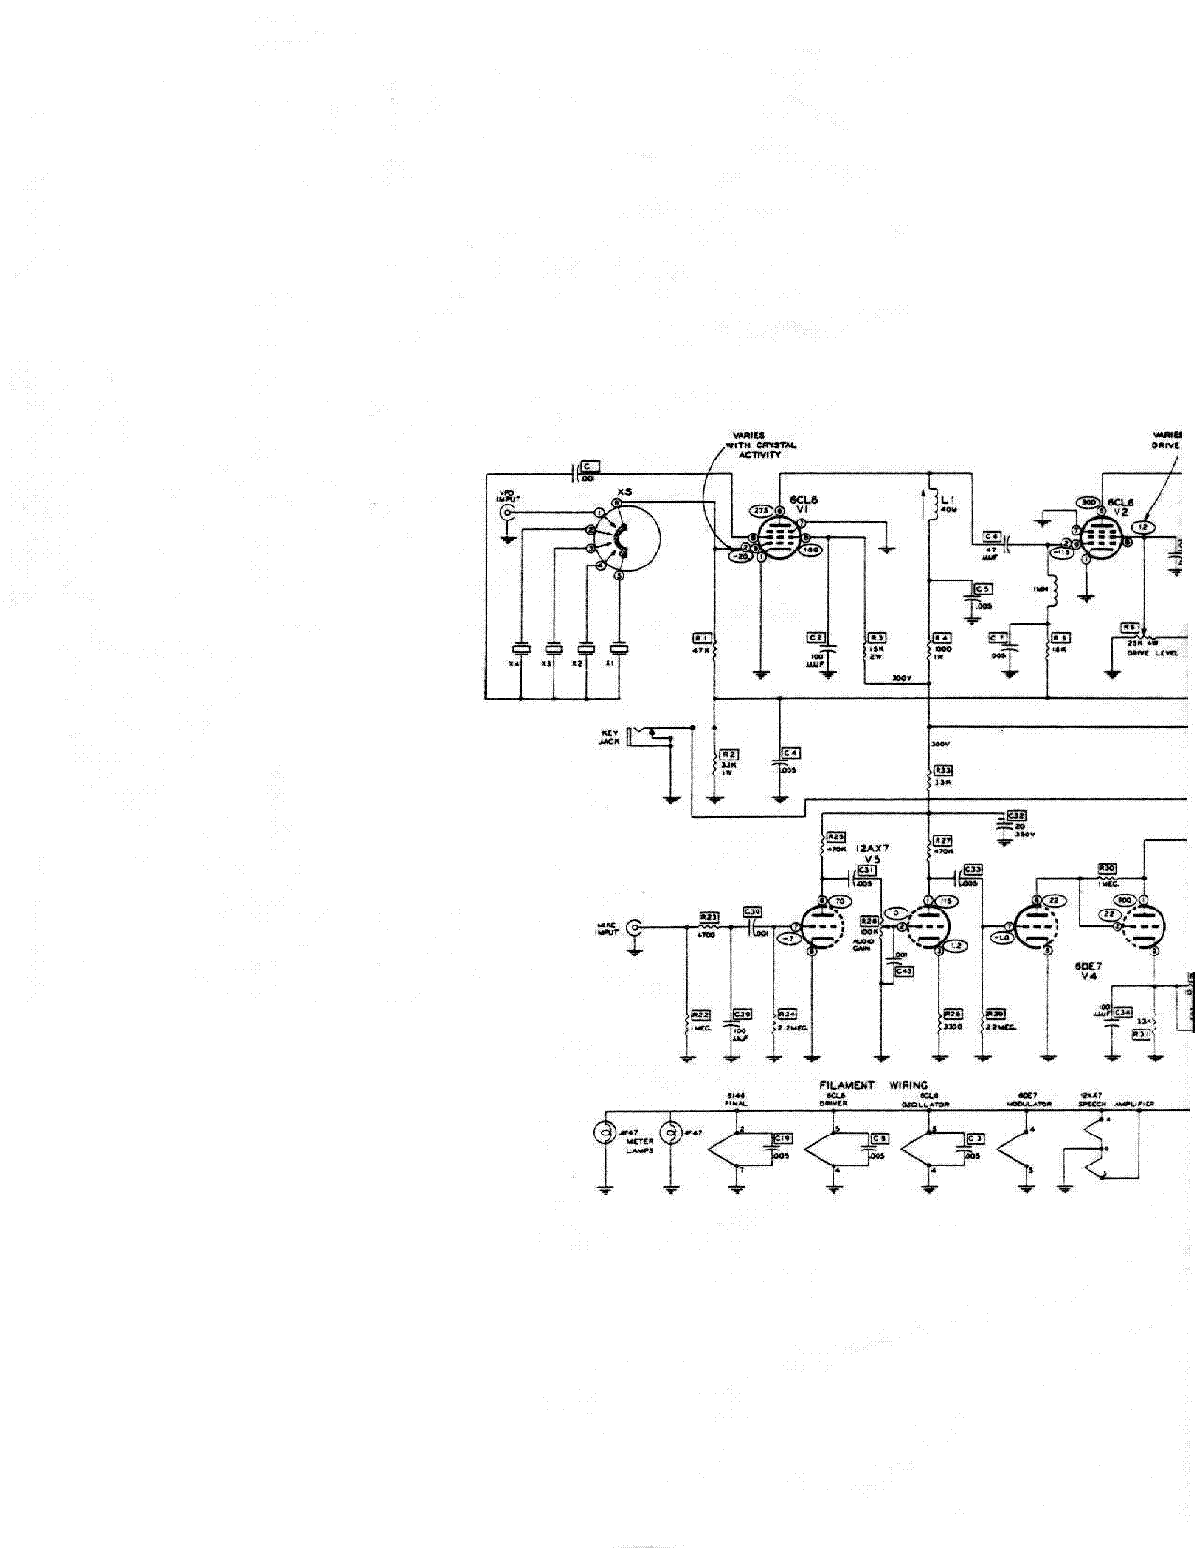 HEATHKIT DX-60 SCH Service Manual download, schematics ... on